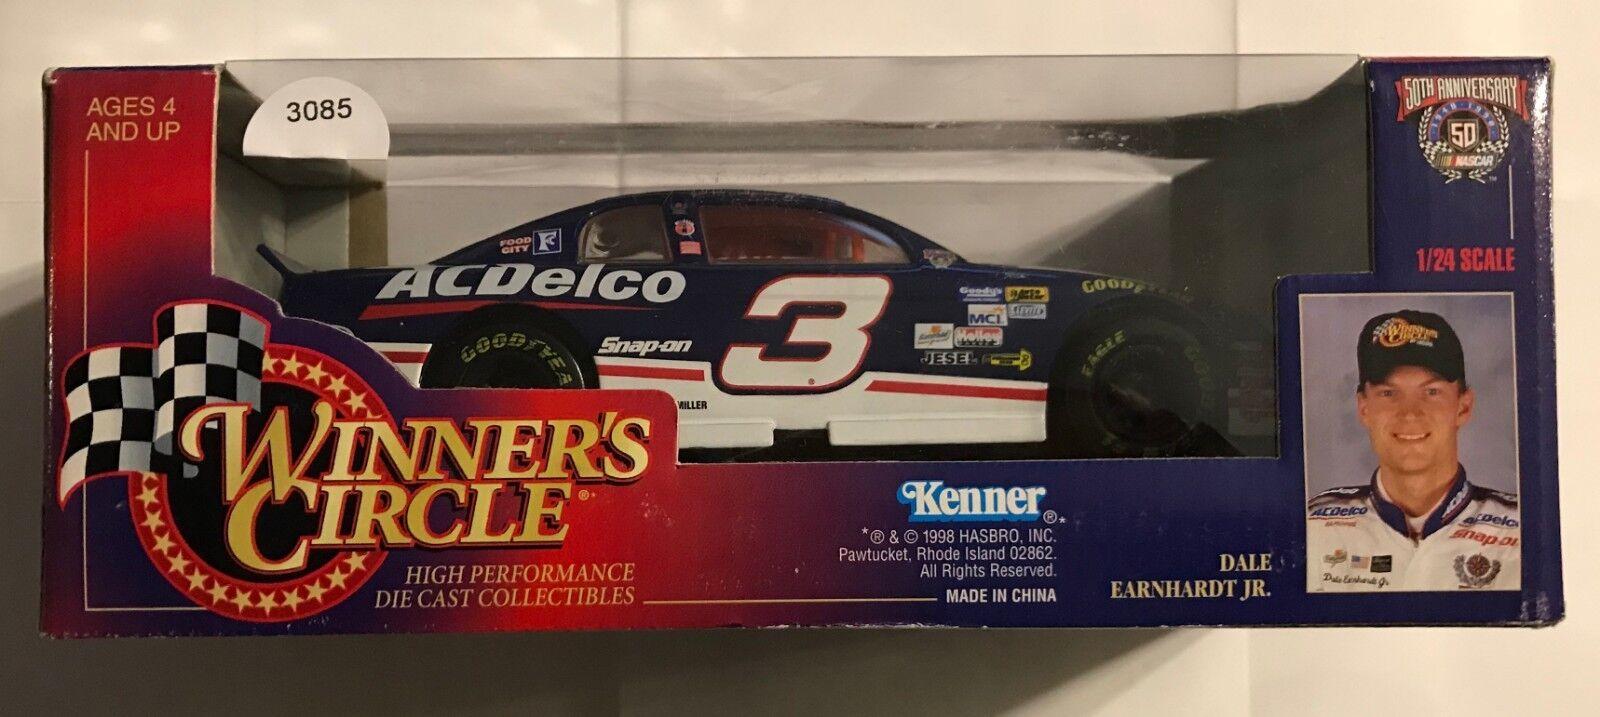 1998 círculo del ganador Dale Earnhardt, Jr. - Acdelco - 1 24TH